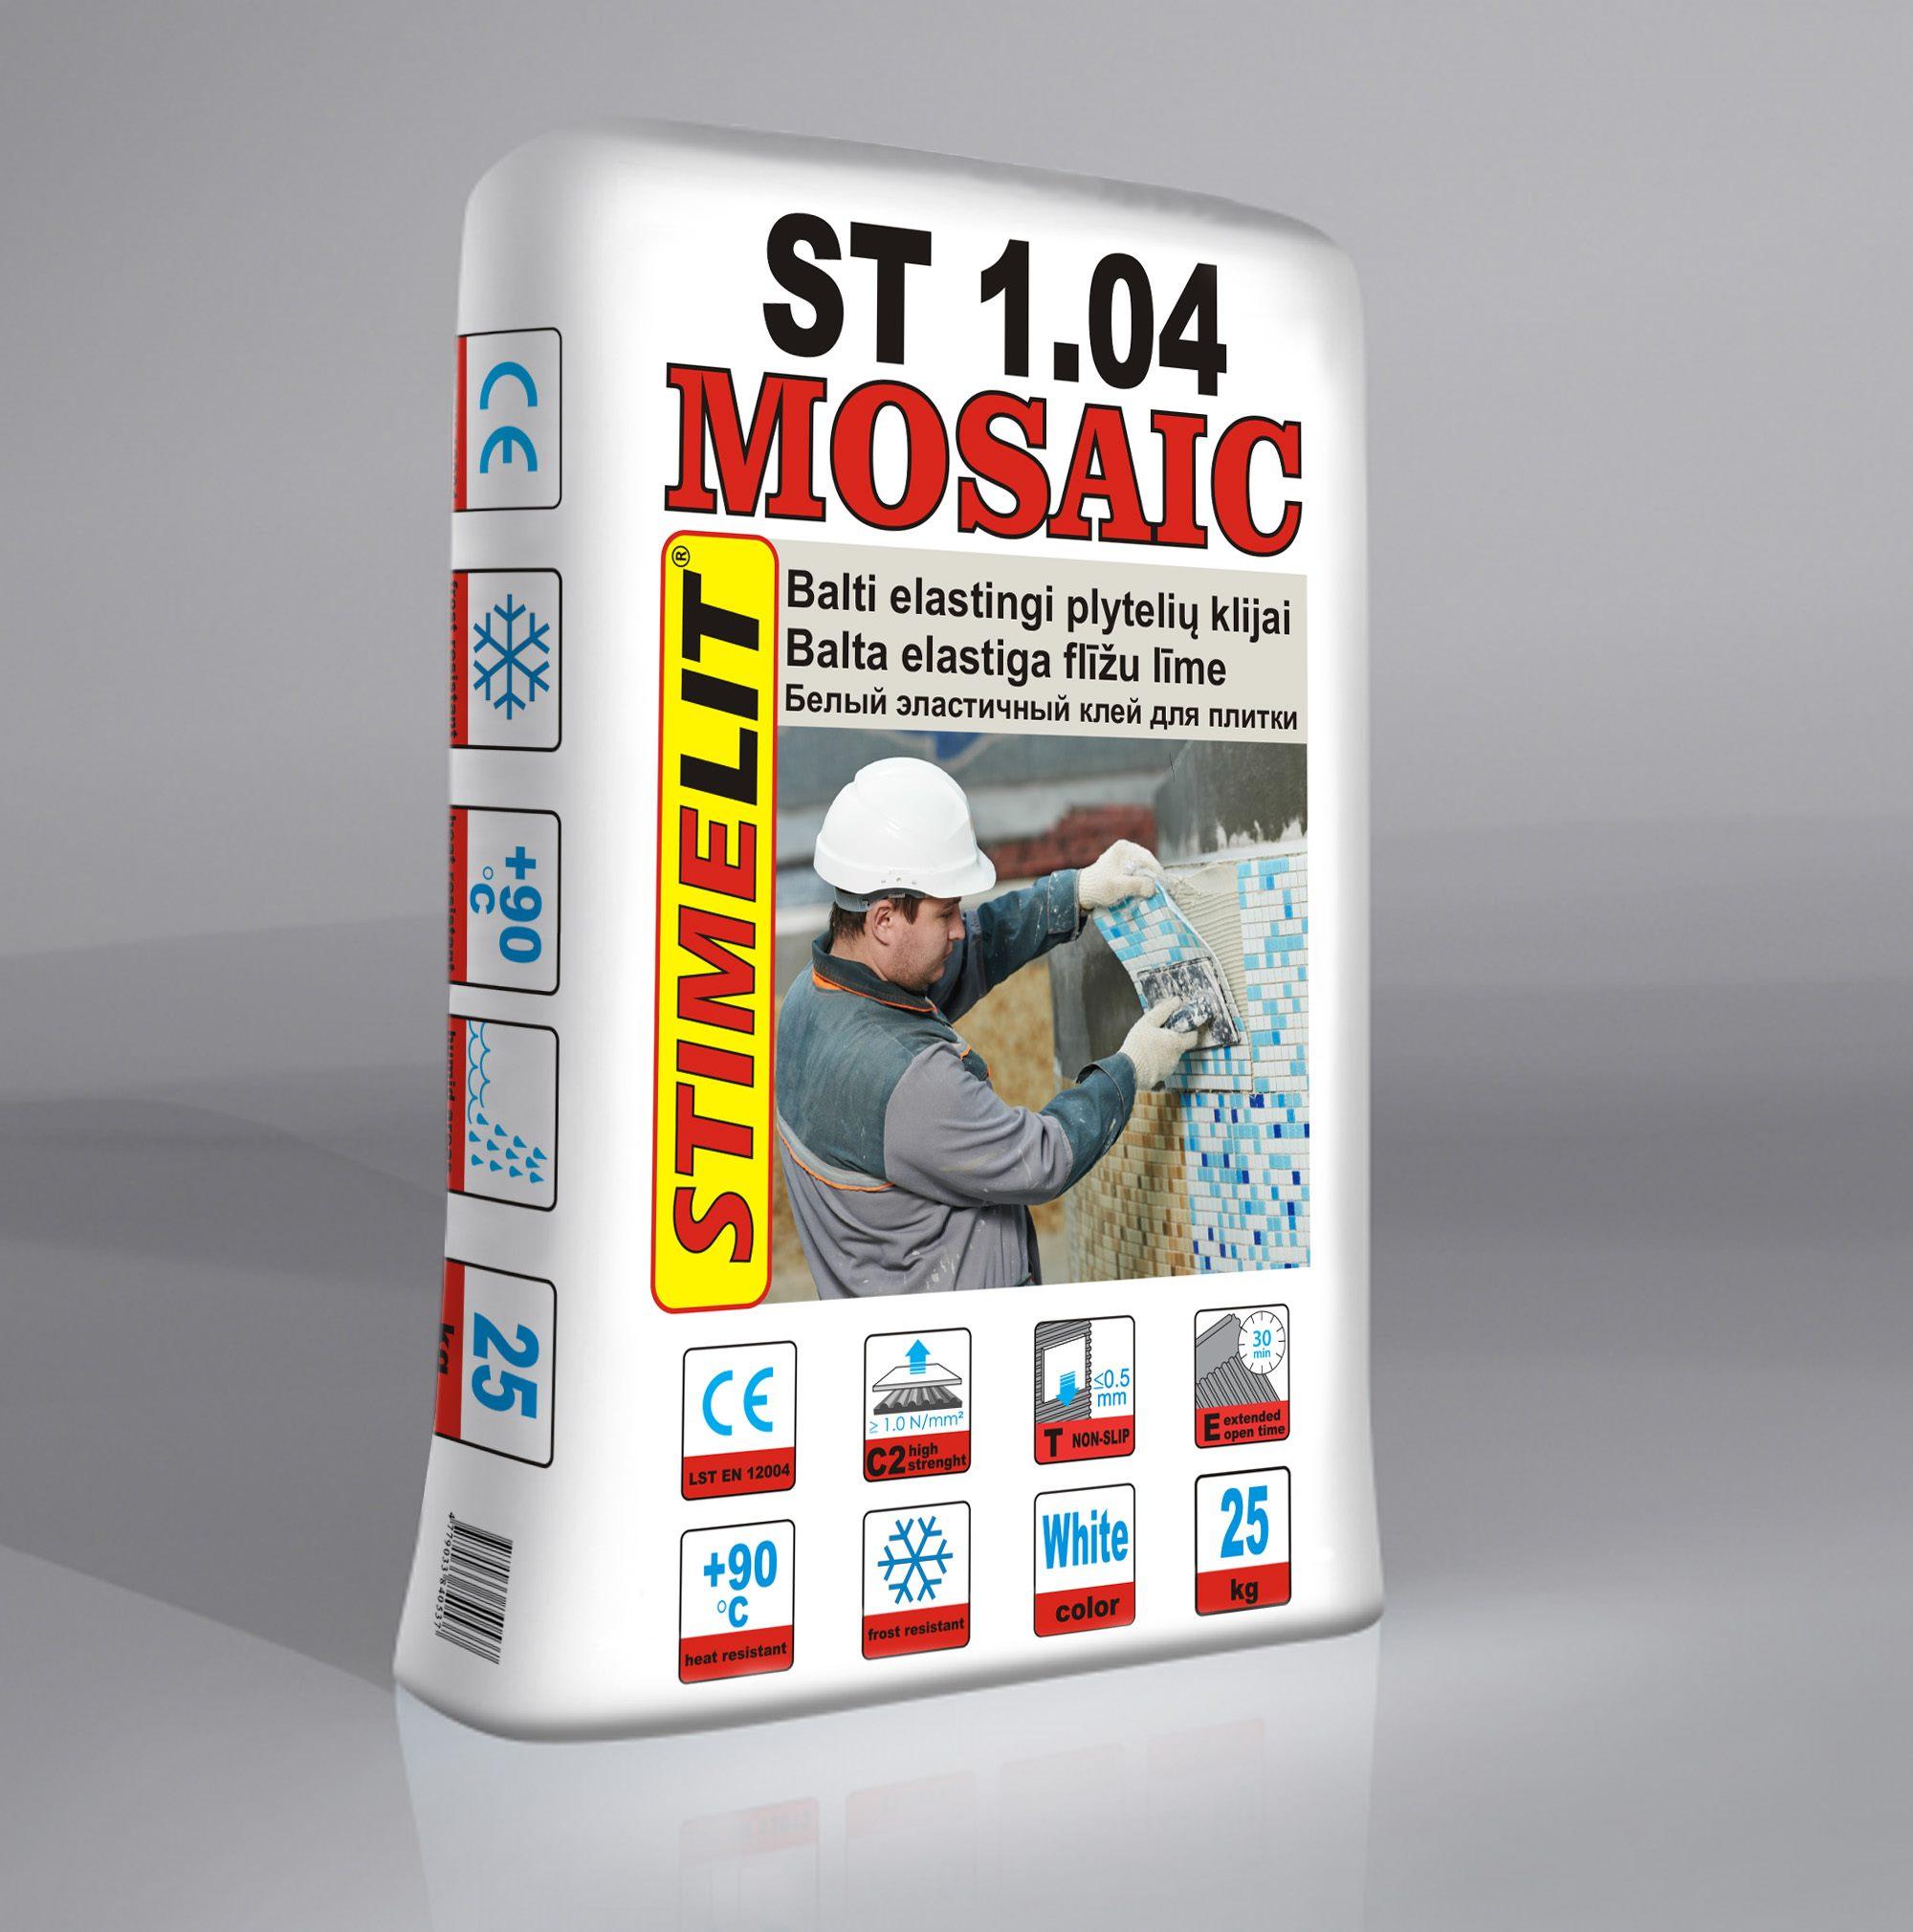 ST1.04 MOSAIC Balti elastingi plytelių klijai